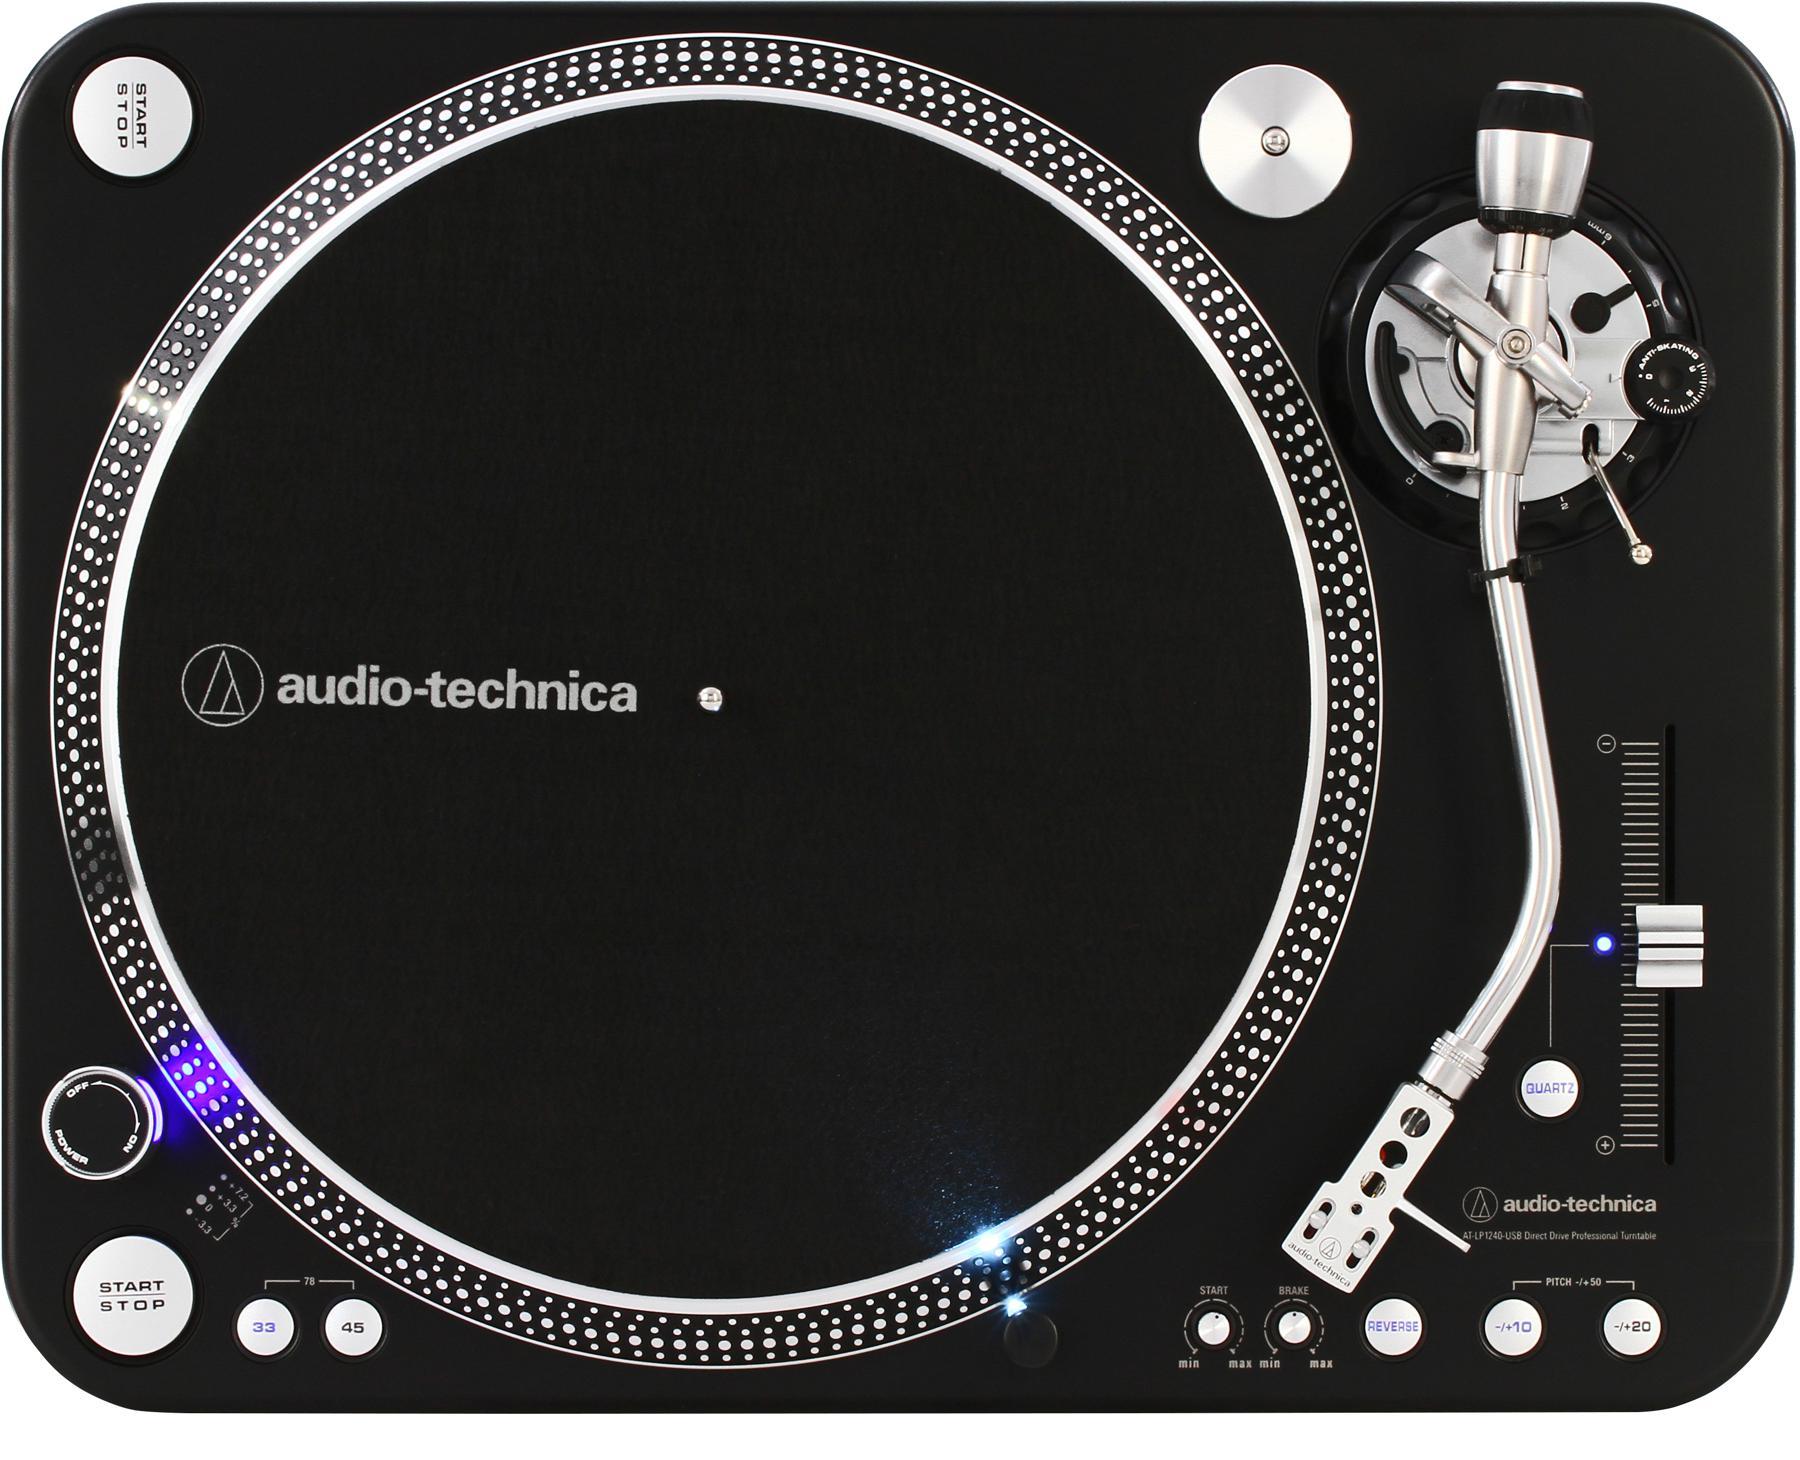 4. Audio-Technica AT-LP1240